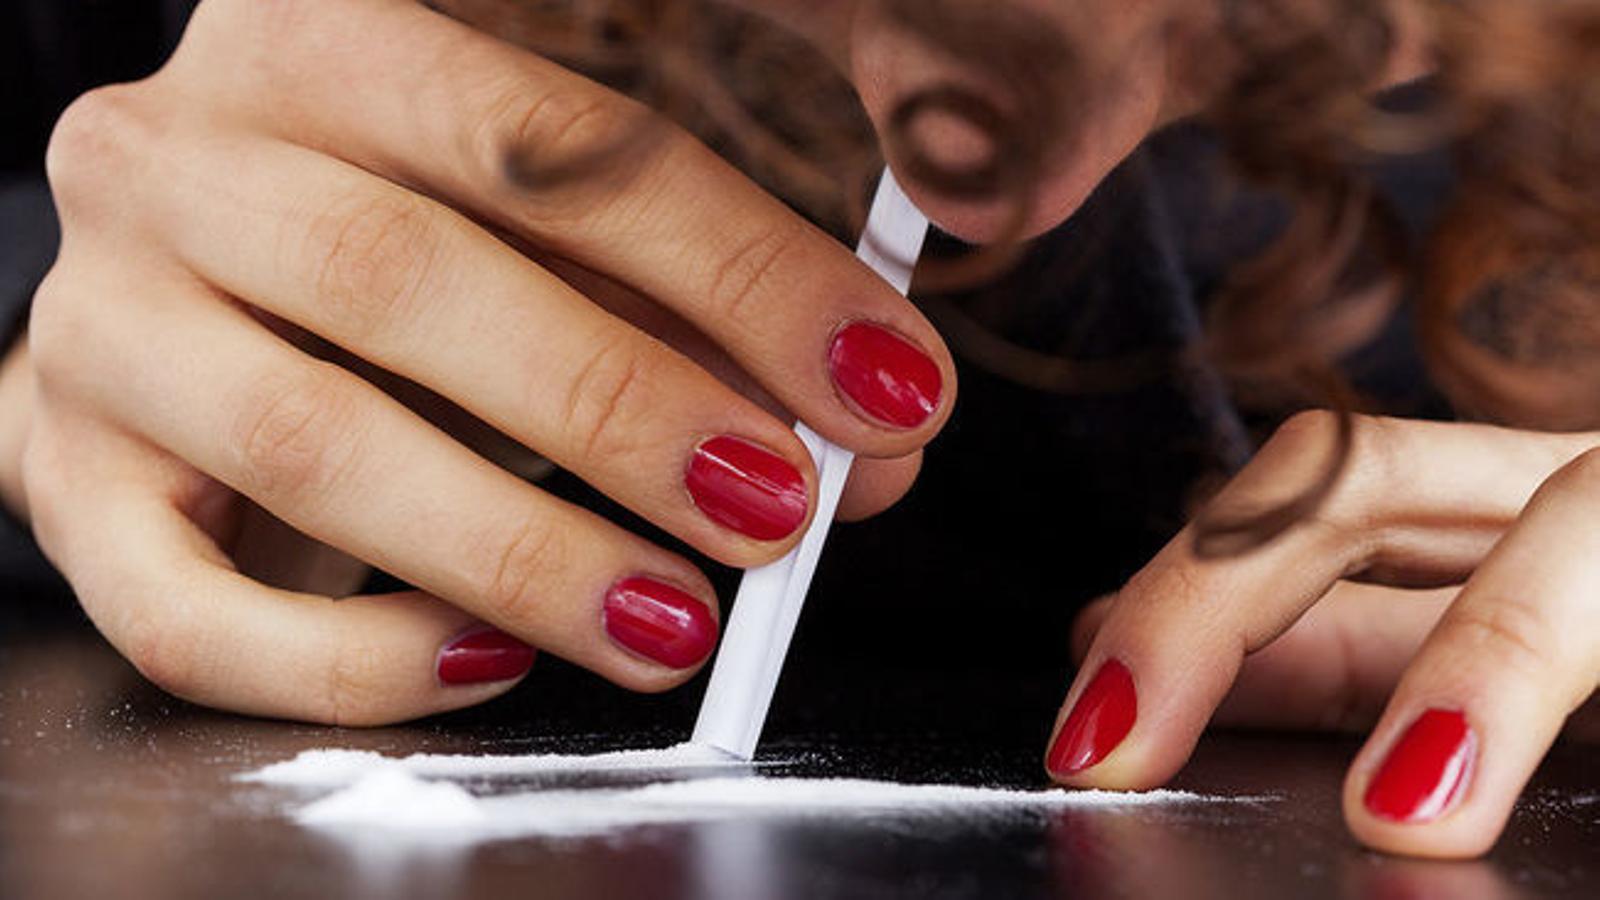 Barcelona lidera el consum de cocaïna en un rànquing de 60 ciutats europees.